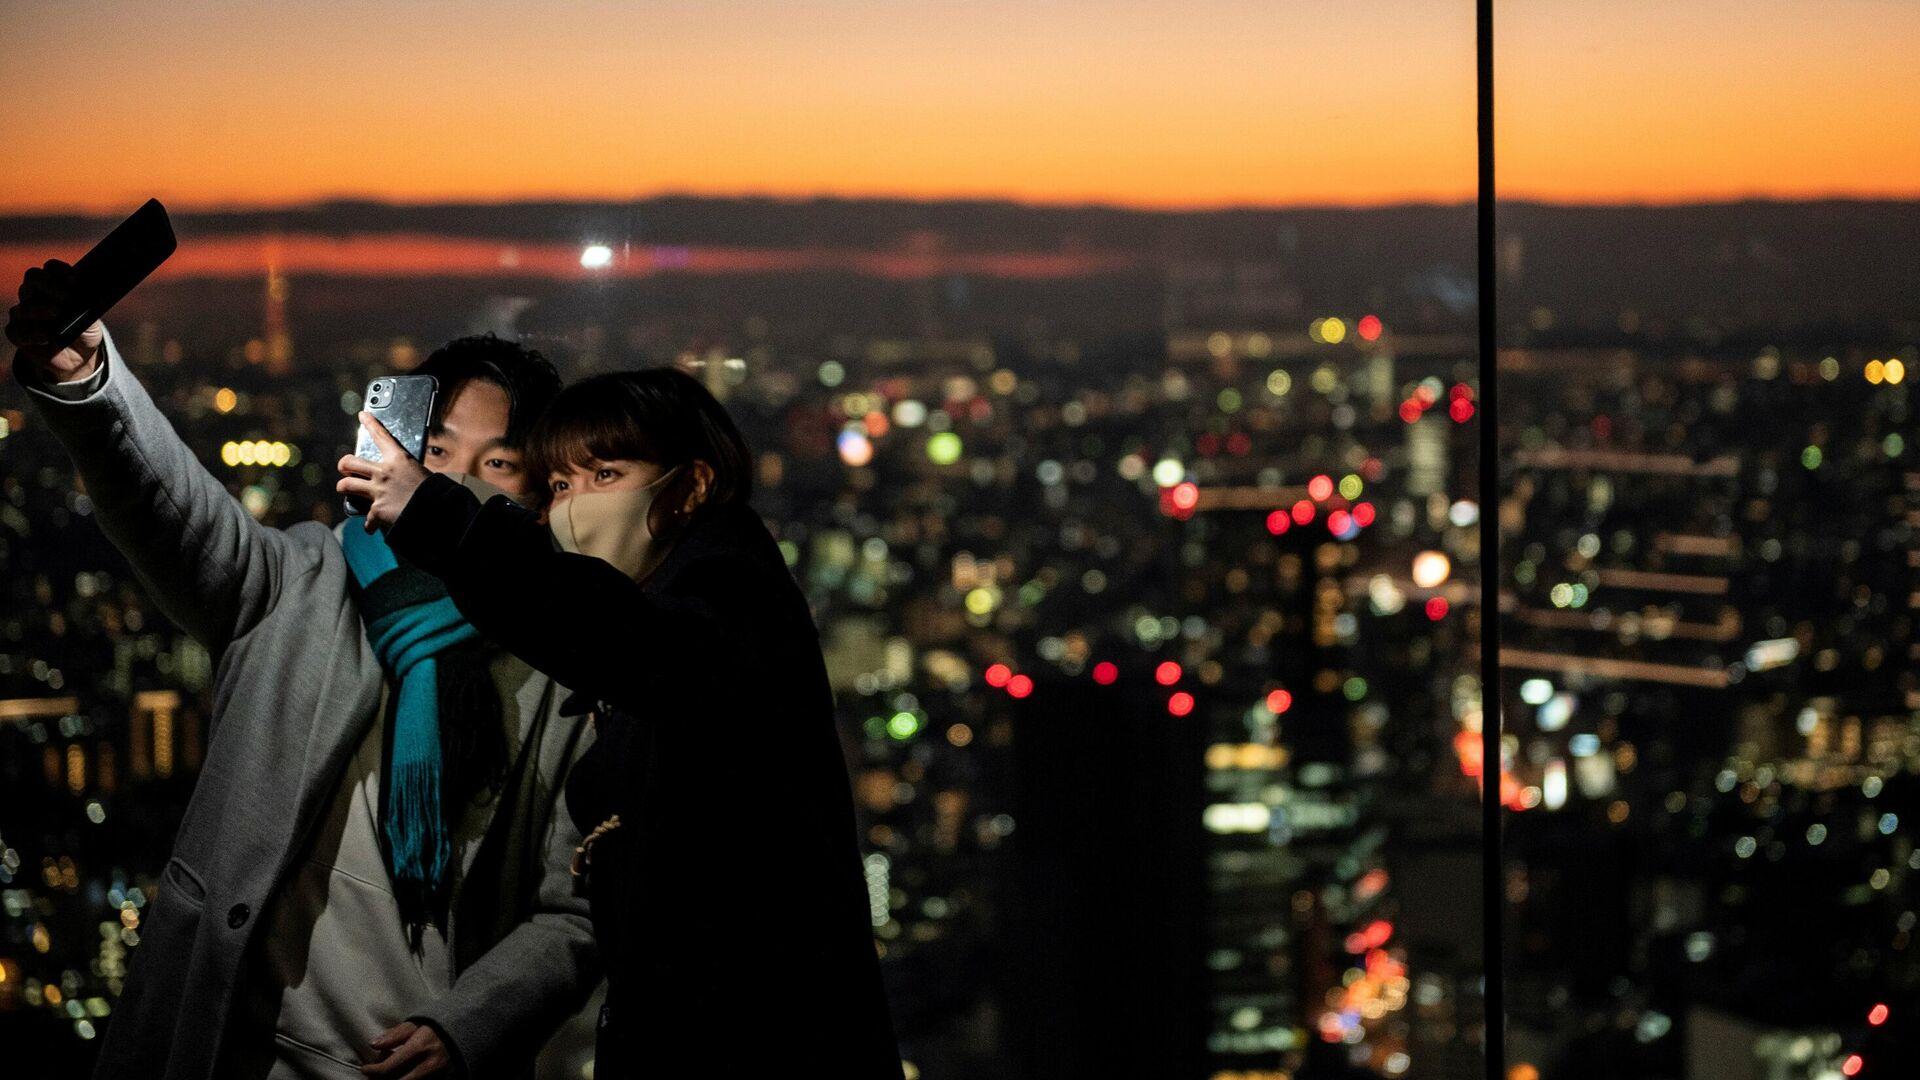 Посетители делают селфи на смотровой площадке Сибуя Скай в Токио - РИА Новости, 1920, 15.01.2021